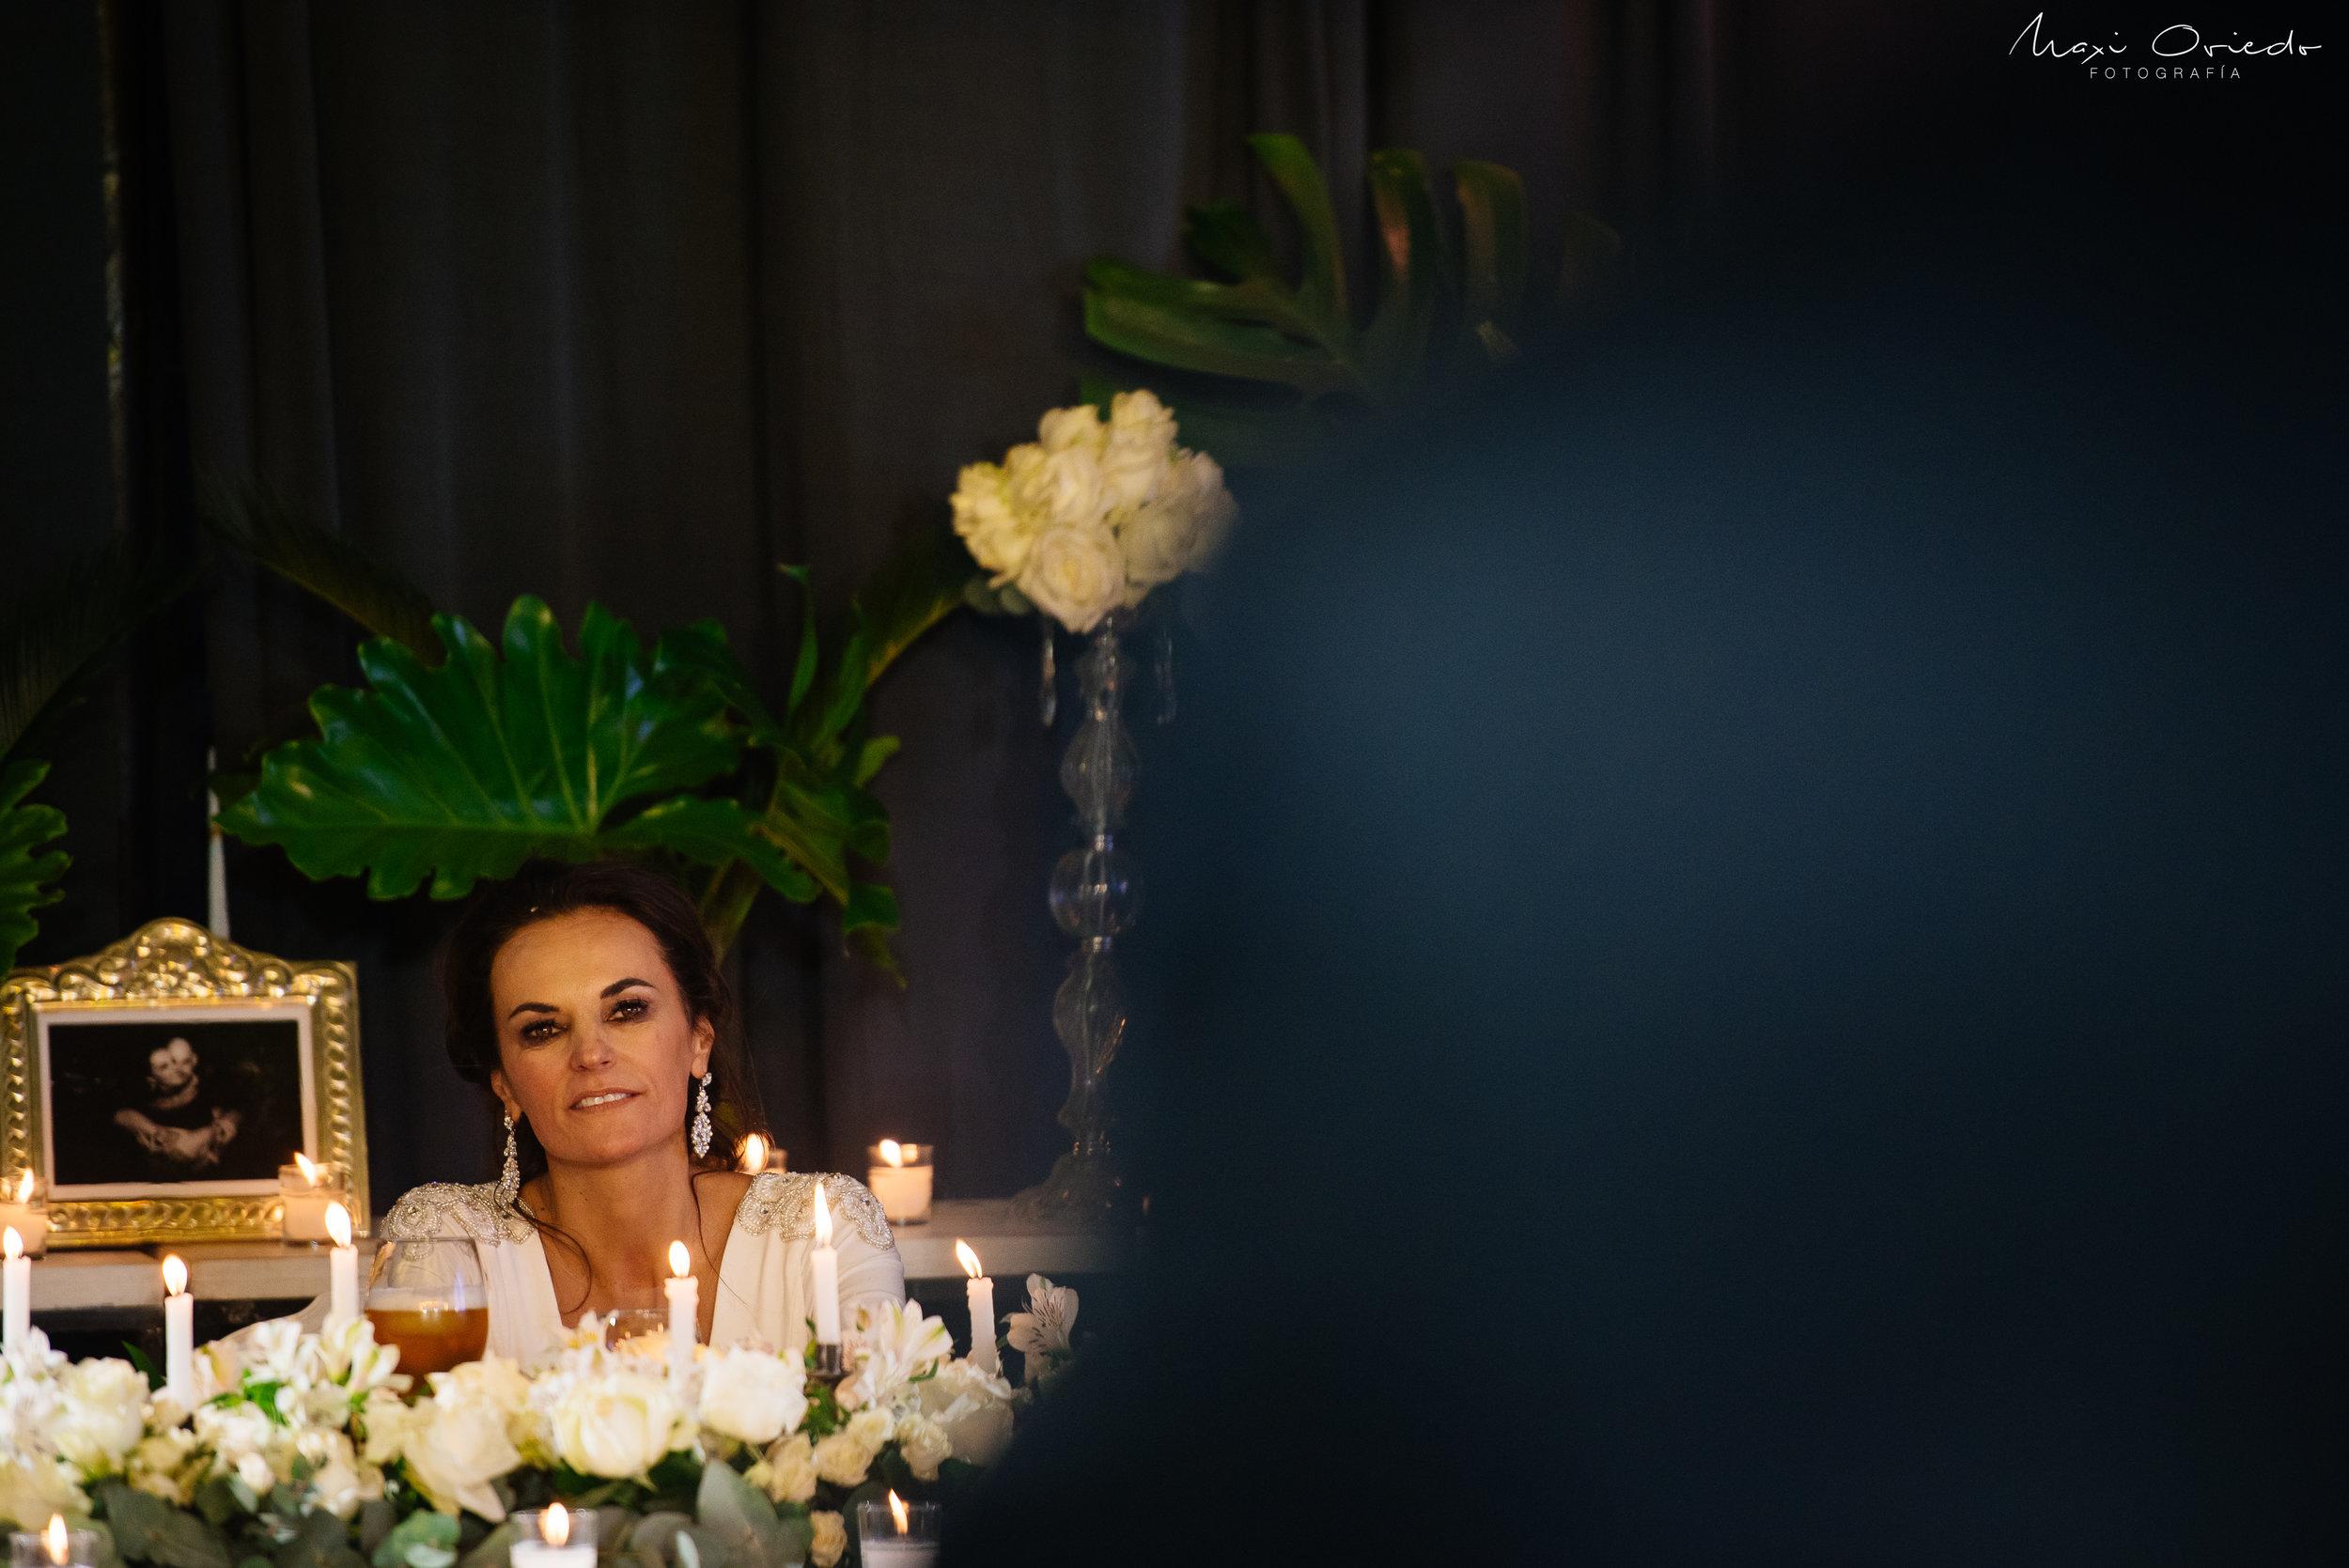 MARIANA, MARCELO, GRAN DÍA, AERÓDROMO, CAMILO ALDAO